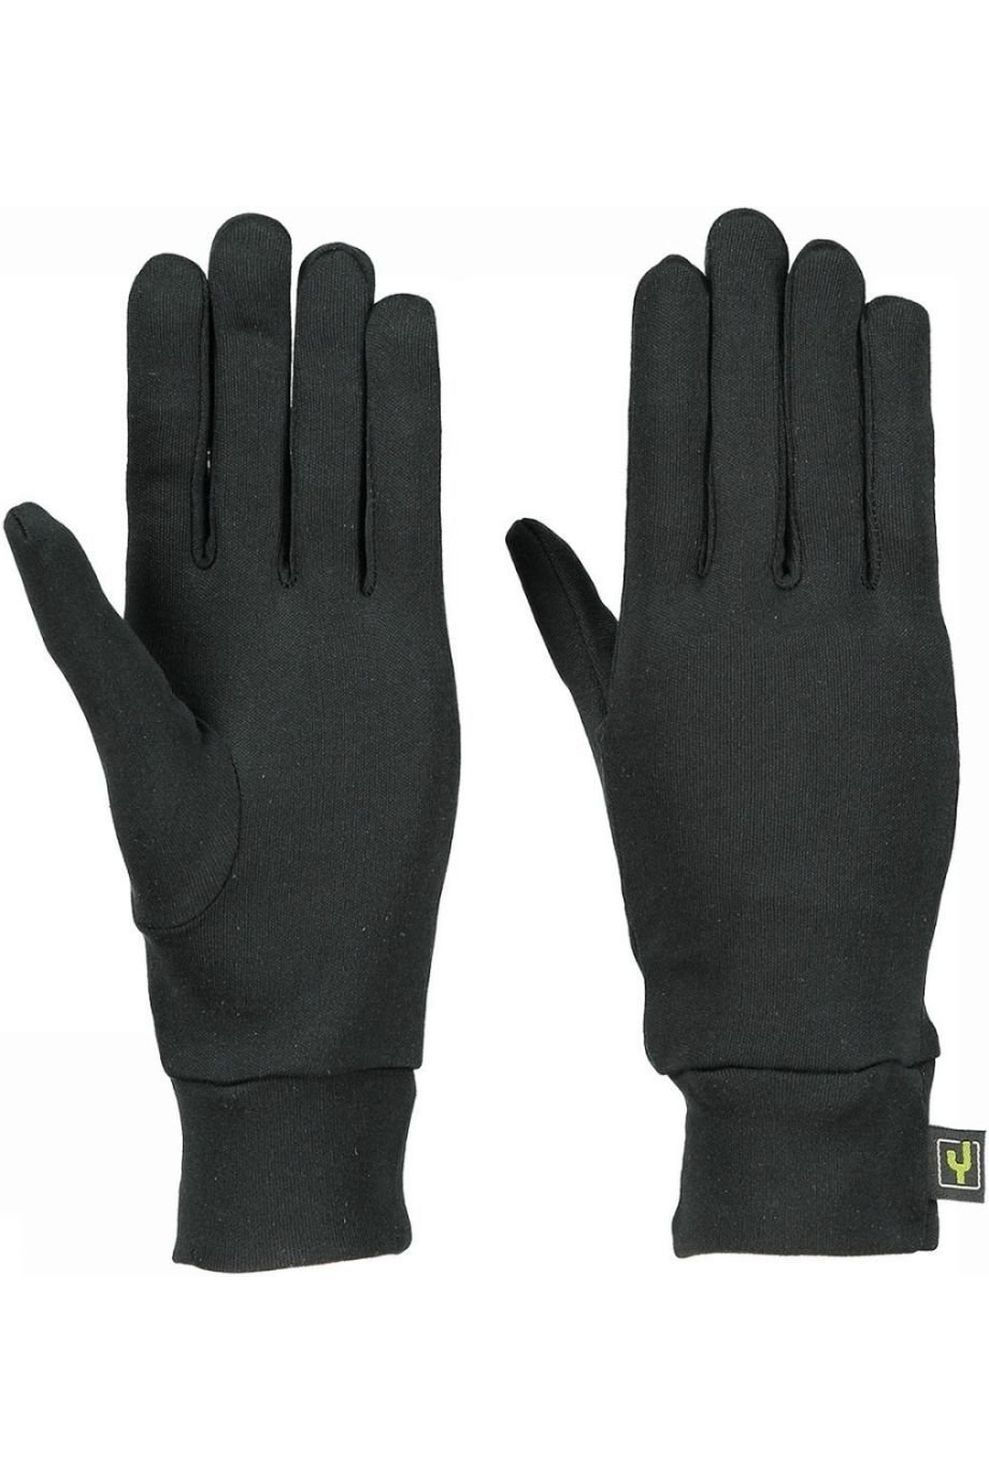 Ayacucho Gant Silk Liner Glove